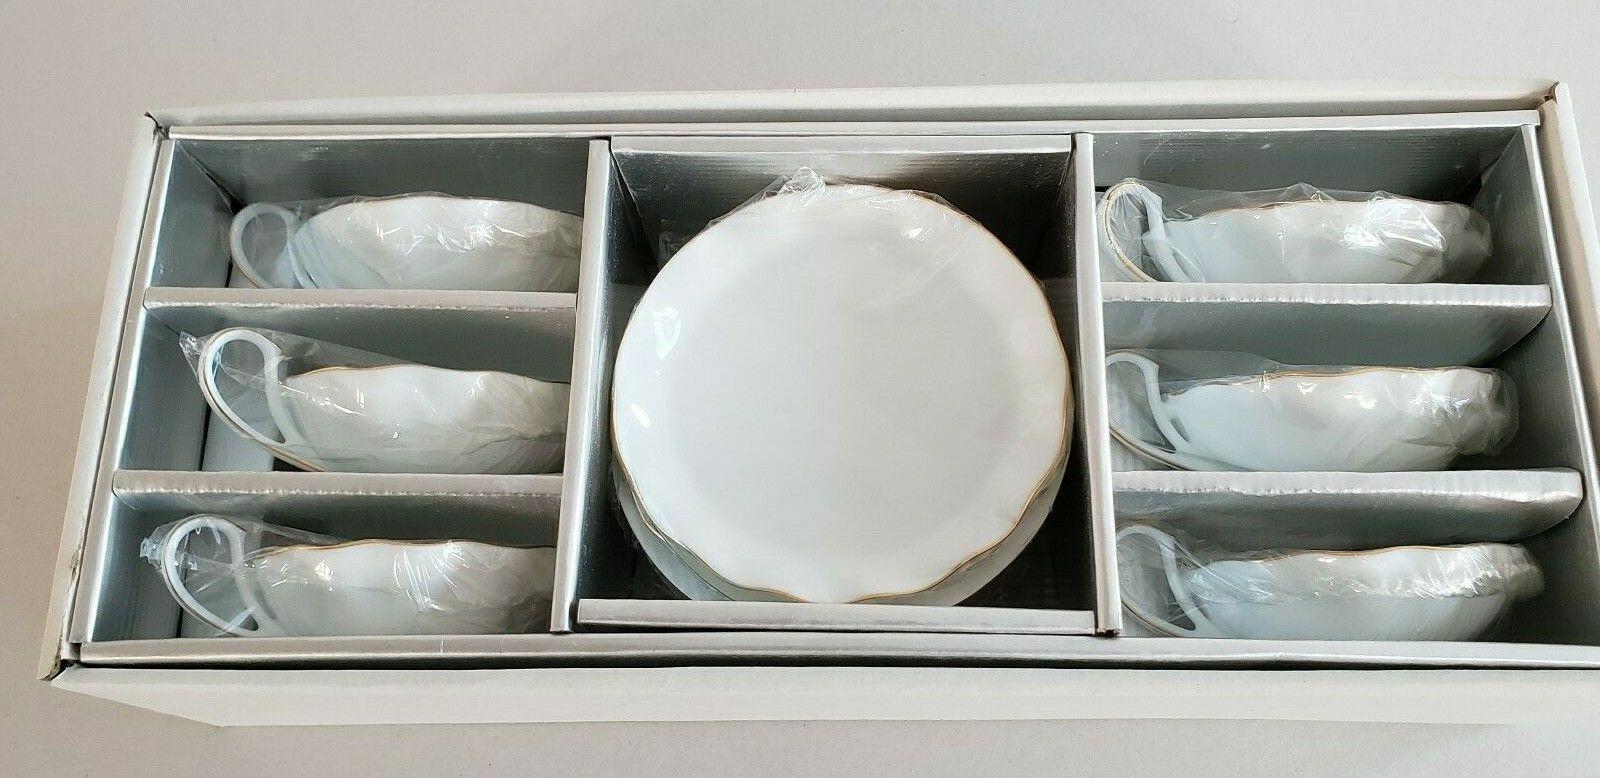 Royal China Cup Set 6 6 Saucer High